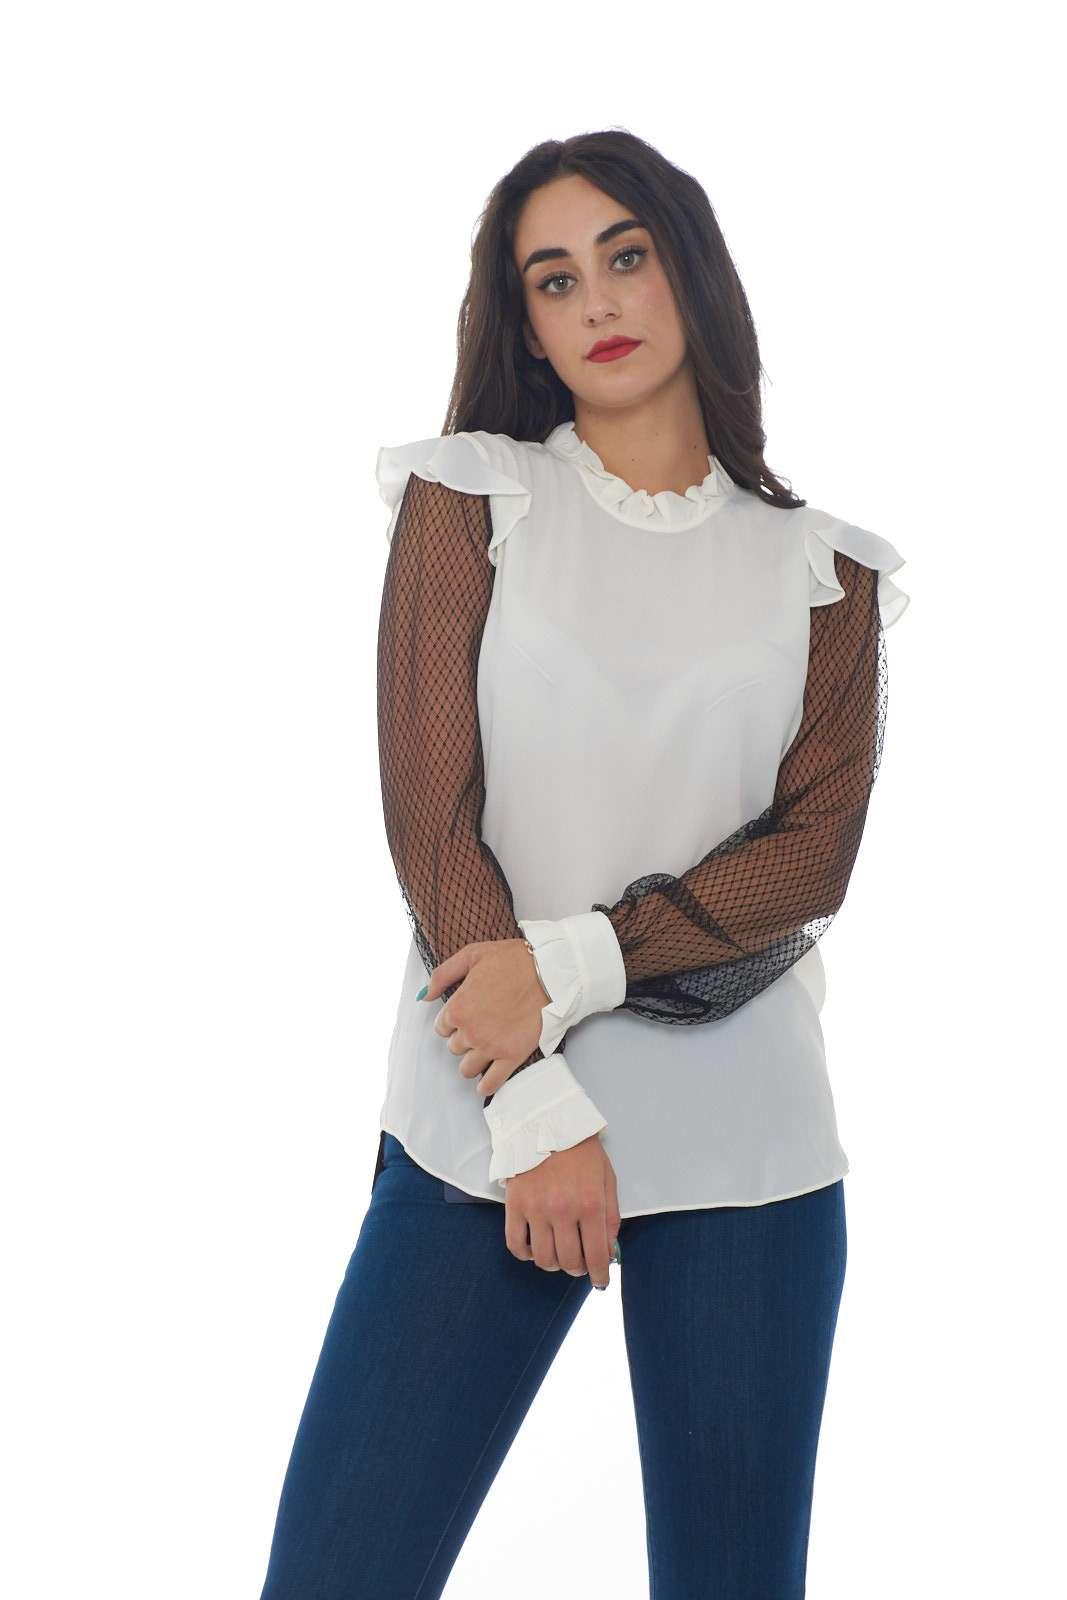 Una blusa in misto seta con rouches per rifinire quella proposta dalla collezione Twin Set Milano. La vestibilità morbida si sposa con un effetto crepe de chine e la semplicità della linea. Le maniche in pizzo con effetto trasparenza caratterizzano il look per un effetto chic e glamour. La modella è alta 1.78m e indossa la taglia 42.